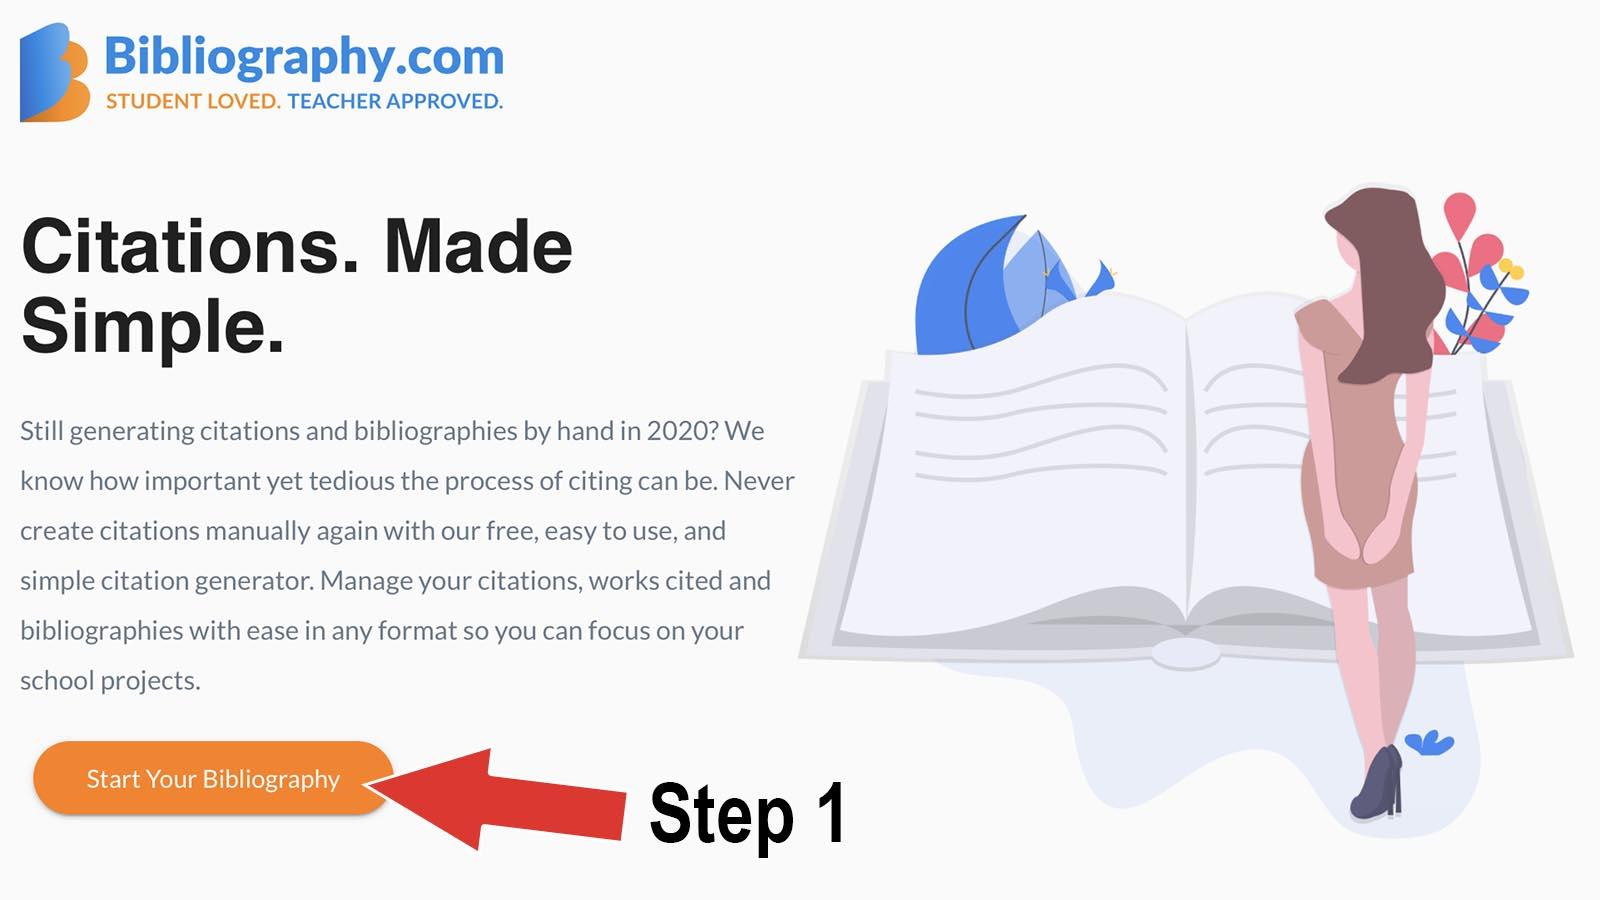 bibliography.com how to make citation